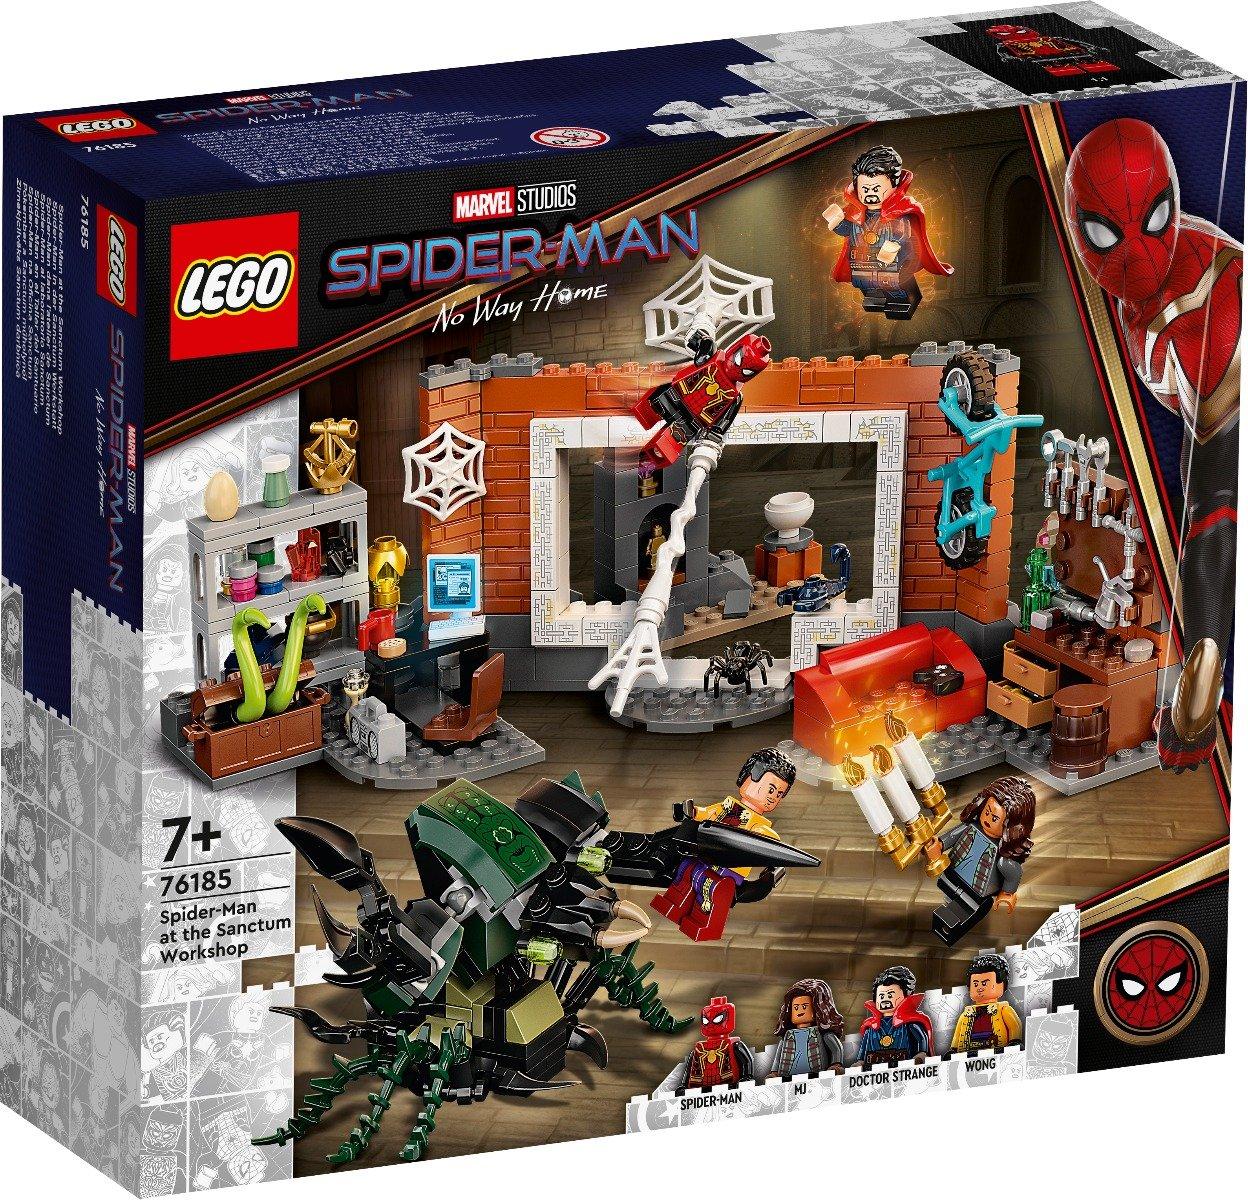 LEGO® Marvel Super Heroes - Omul Paianjen la Atelierul Sanctum (76185)